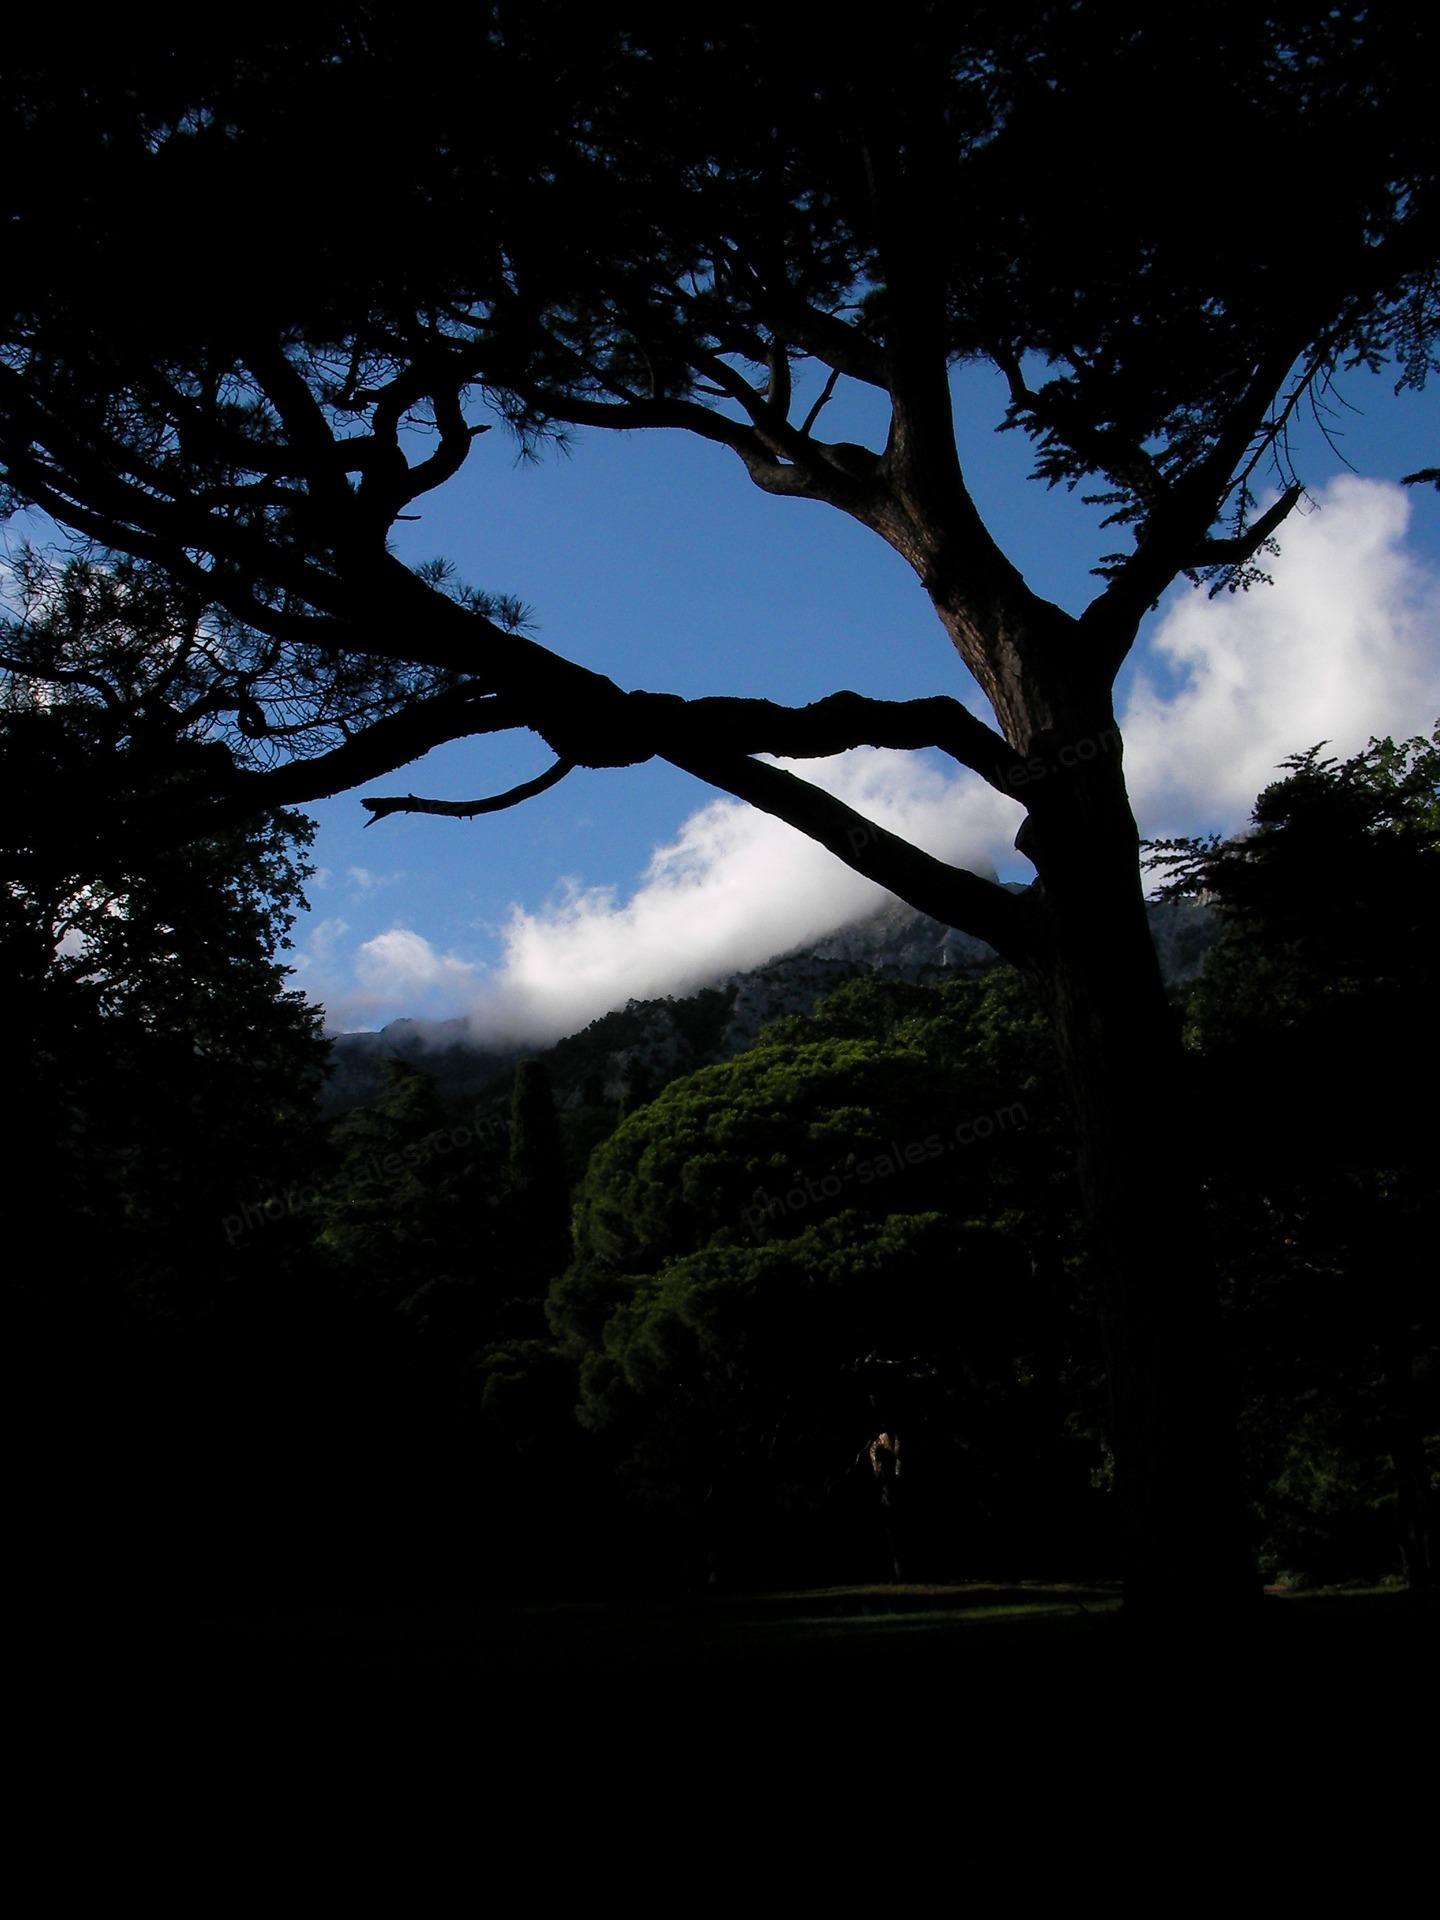 ಪಾರ್ಕ್ ಮತ್ತು cloudscape ಡಾರ್ಕ್ ಮರ